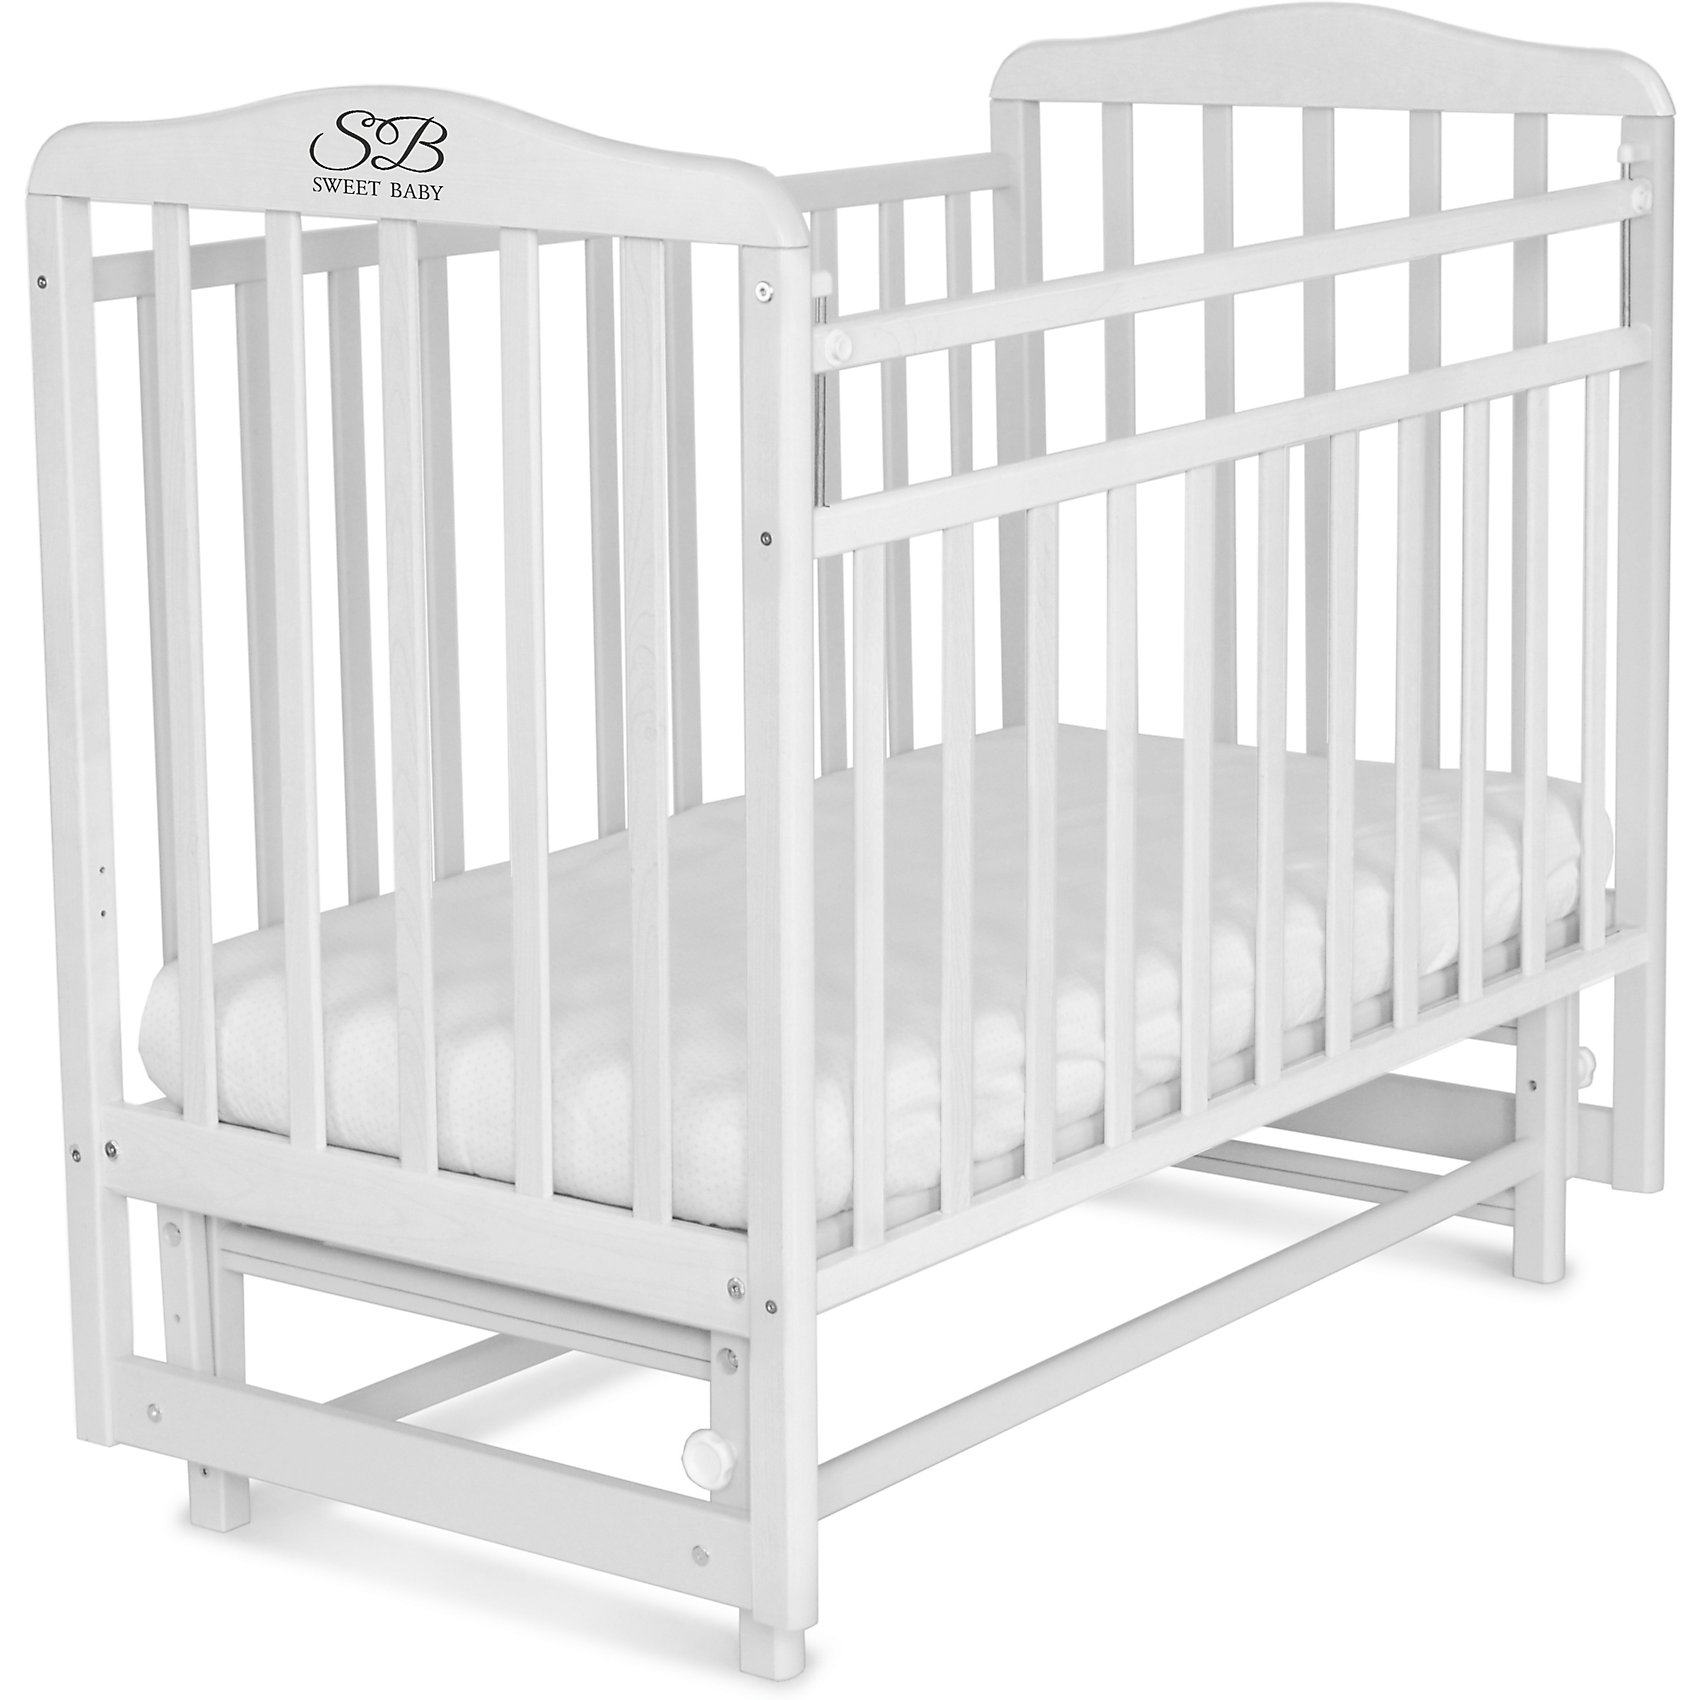 Кроватка Sweet Baby Ennio Bianco, белыйКроватки с маятником<br>Кроватка Sweet Baby Ennio Bianco, белый<br><br>Материалы: кровать - массив березы, ЛДСП<br>Качалка: есть<br>Ложе: двухуровневое (1200х600 мм)<br>Маятник поперечный: есть<br>Опускаемая планка<br>Механизм опускания: кнопка<br>Накладка ПВХ: нет<br><br>Ширина мм: 15<br>Глубина мм: 72<br>Высота мм: 124<br>Вес г: 20000<br>Возраст от месяцев: 0<br>Возраст до месяцев: 36<br>Пол: Унисекс<br>Возраст: Детский<br>SKU: 7140474